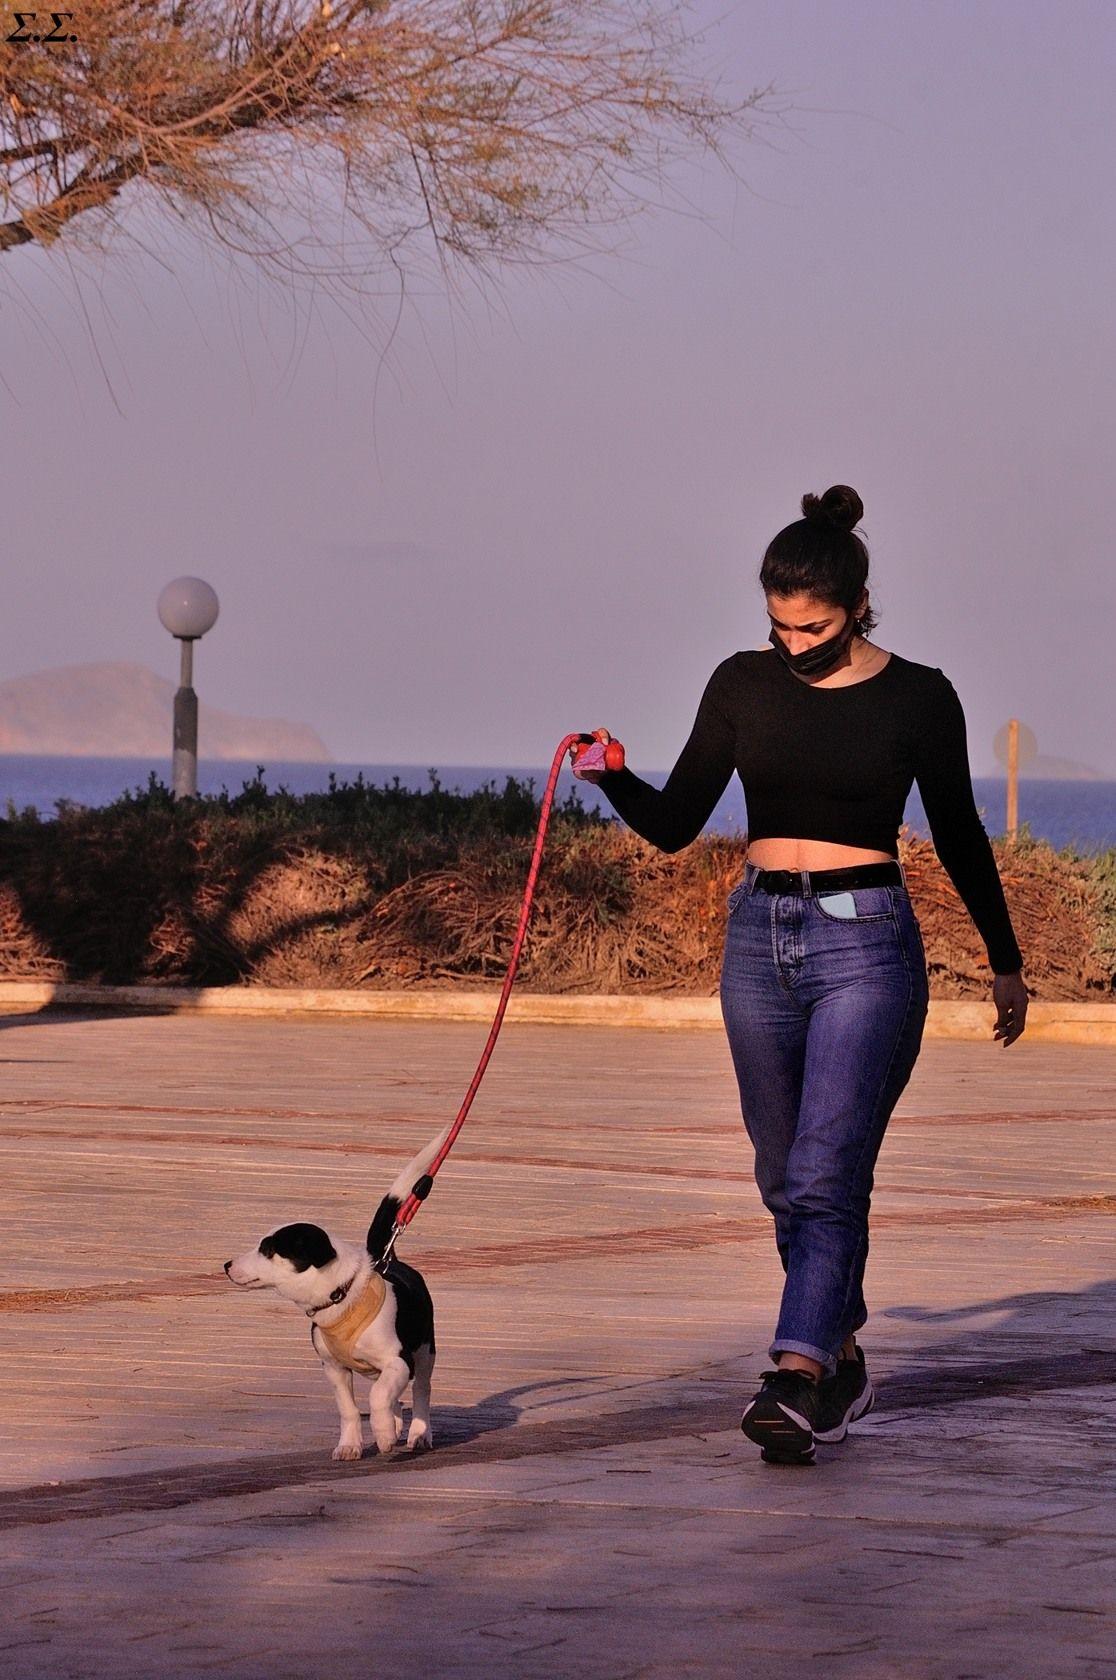 GIRLD AND DOG